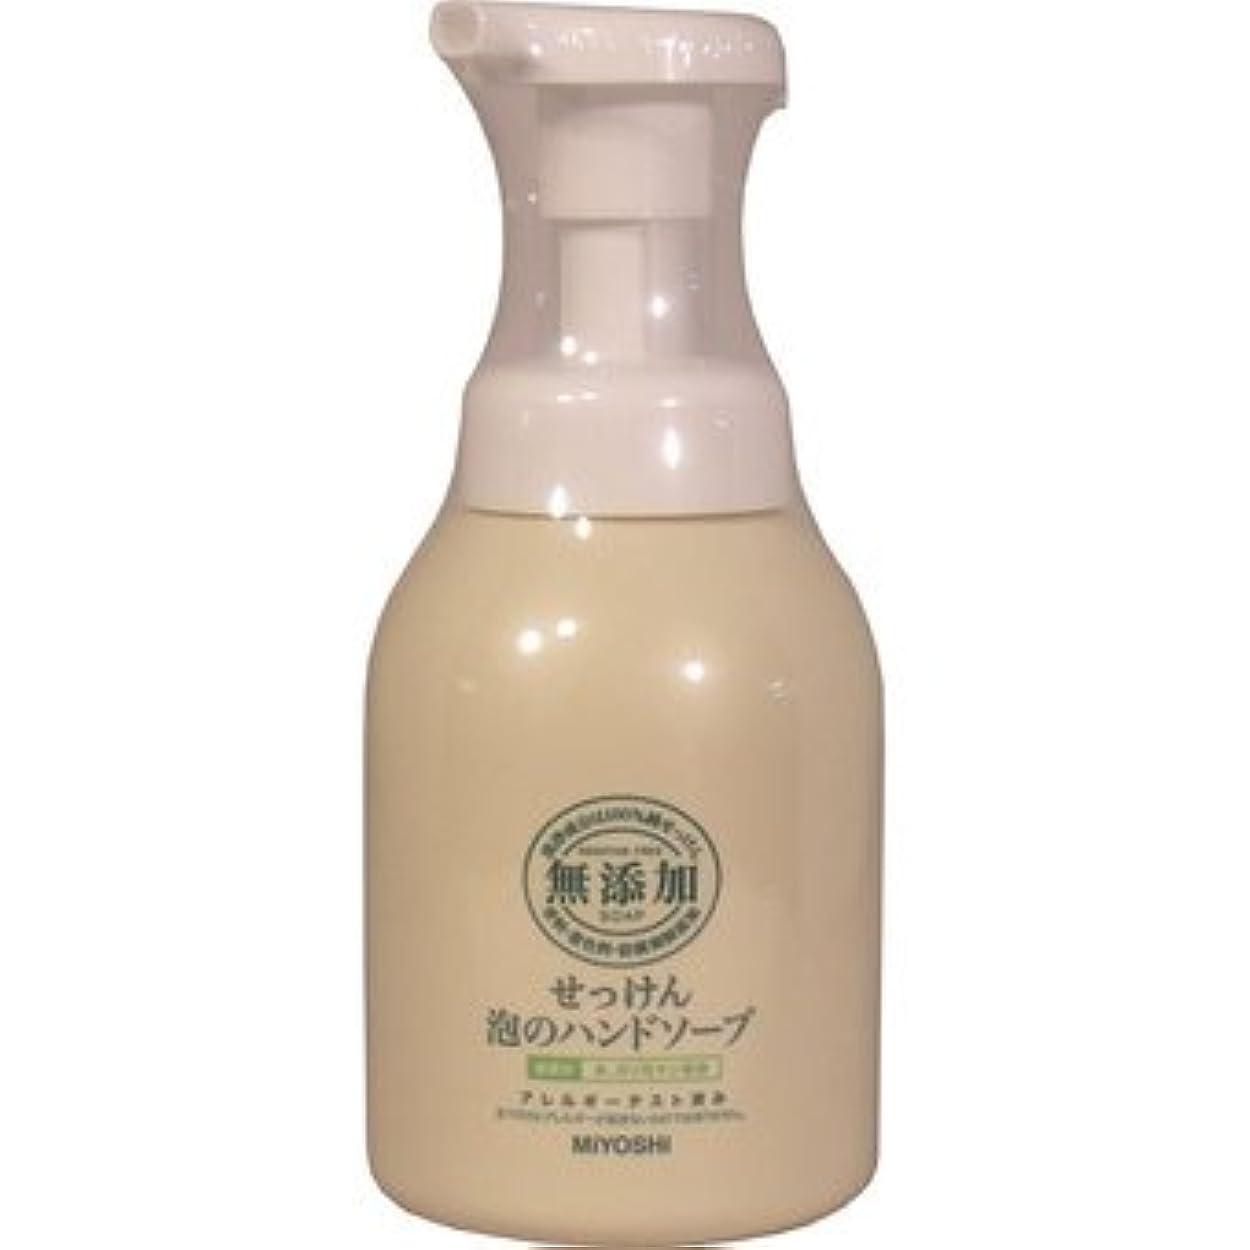 リングパトロン喜劇ミヨシ石鹸 無添加 せっけん 泡のハンドソープ 250ml(無添加石鹸)×24点セット (4537130100677)